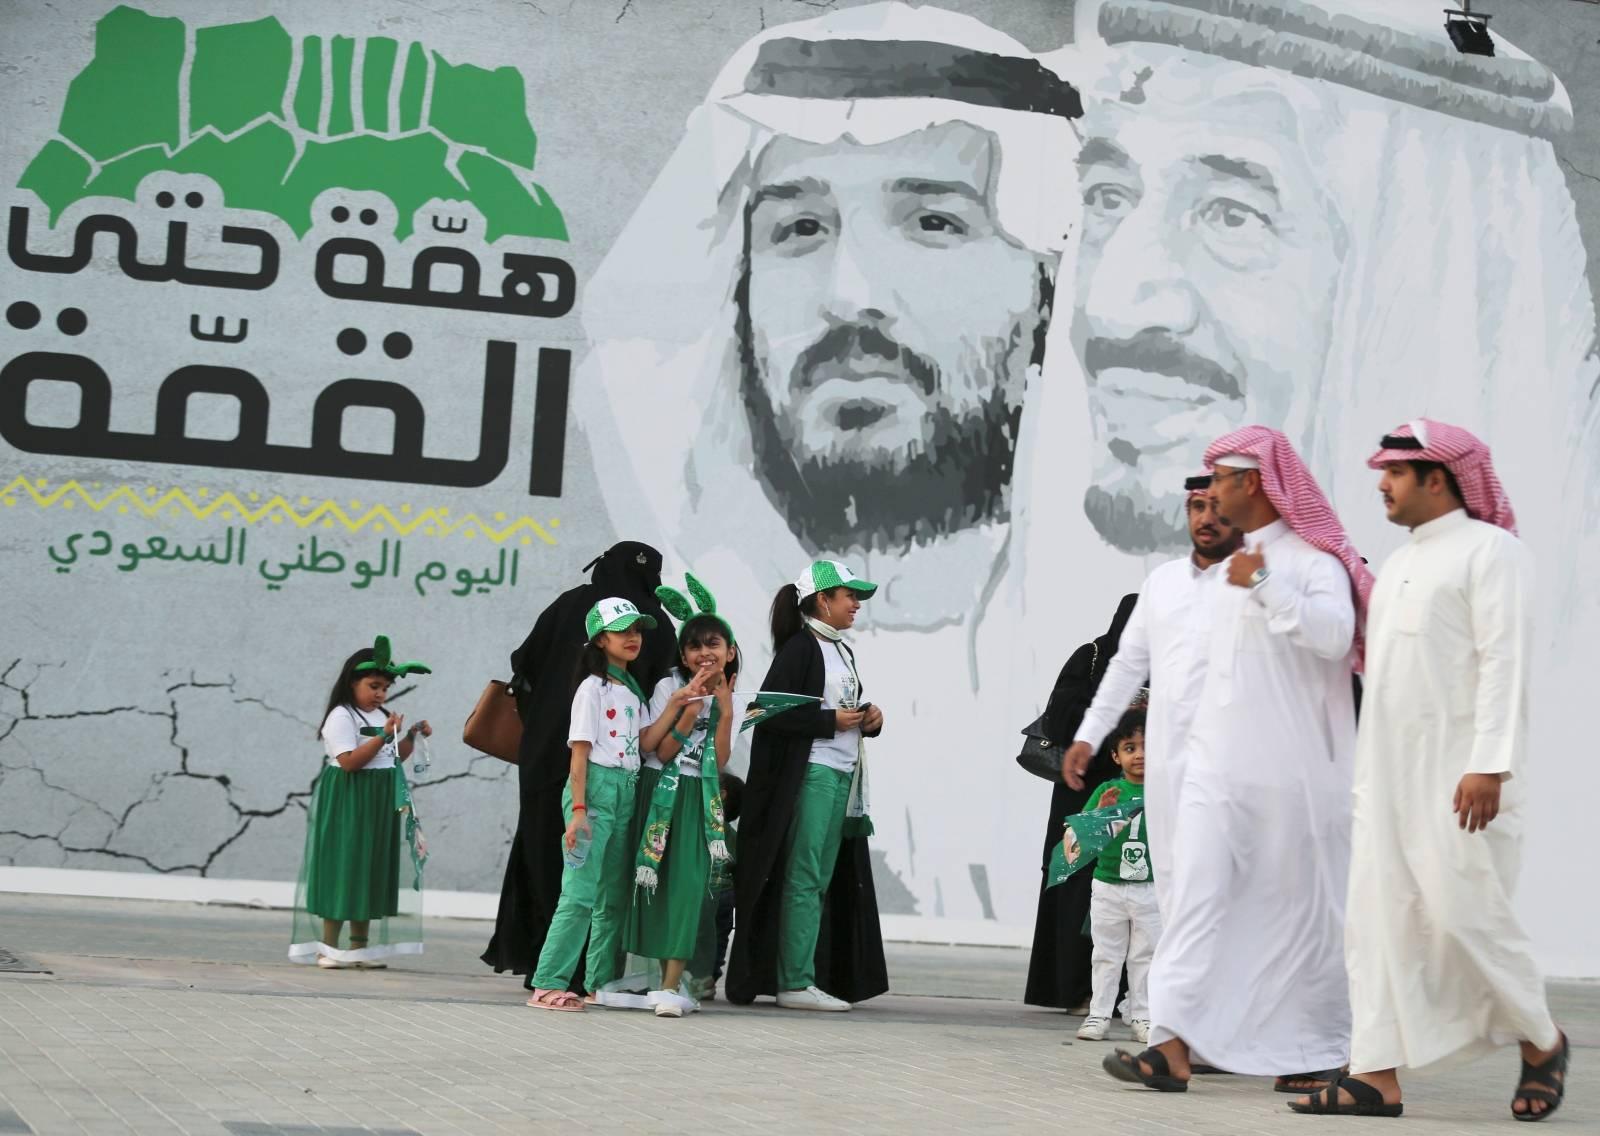 Saudi people walk past a poster depicting Saudi Arabia's King Salman bin Abdulaziz and Crown Prince of Saudi Arabia Mohammad bin Salman during the 89th annual National Day of Saudi Arabia in Riyadh